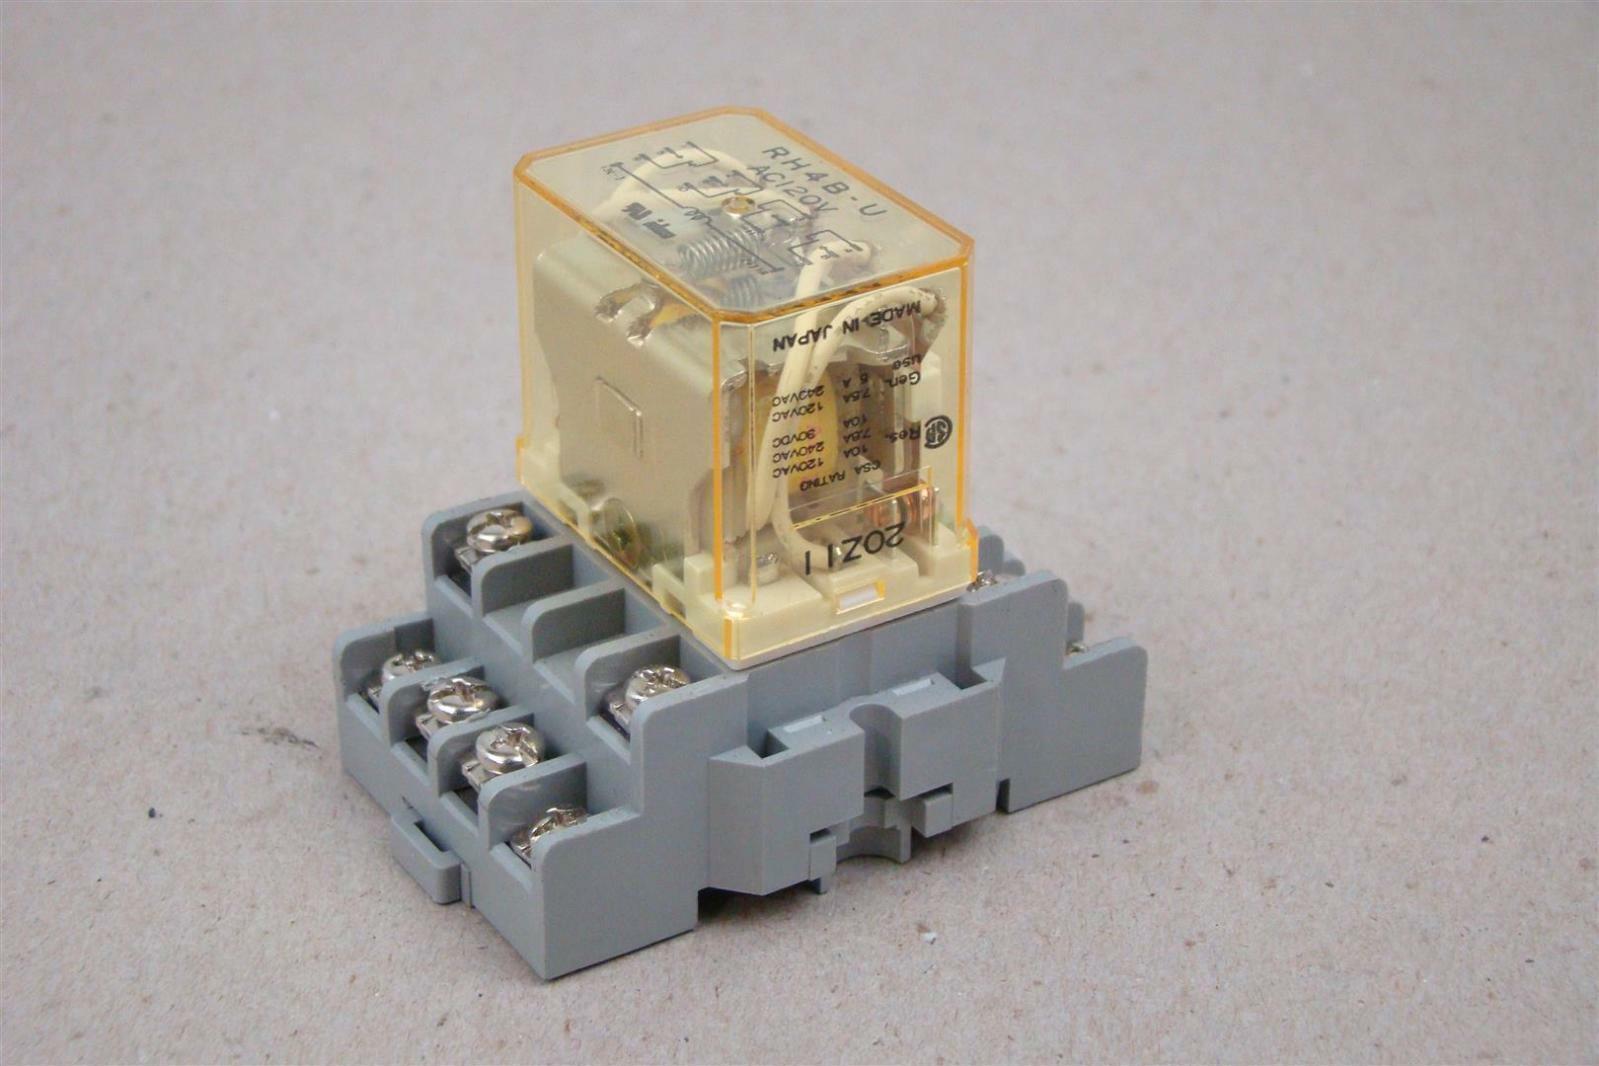 details about idec relay with socket ac120v, rh4b u